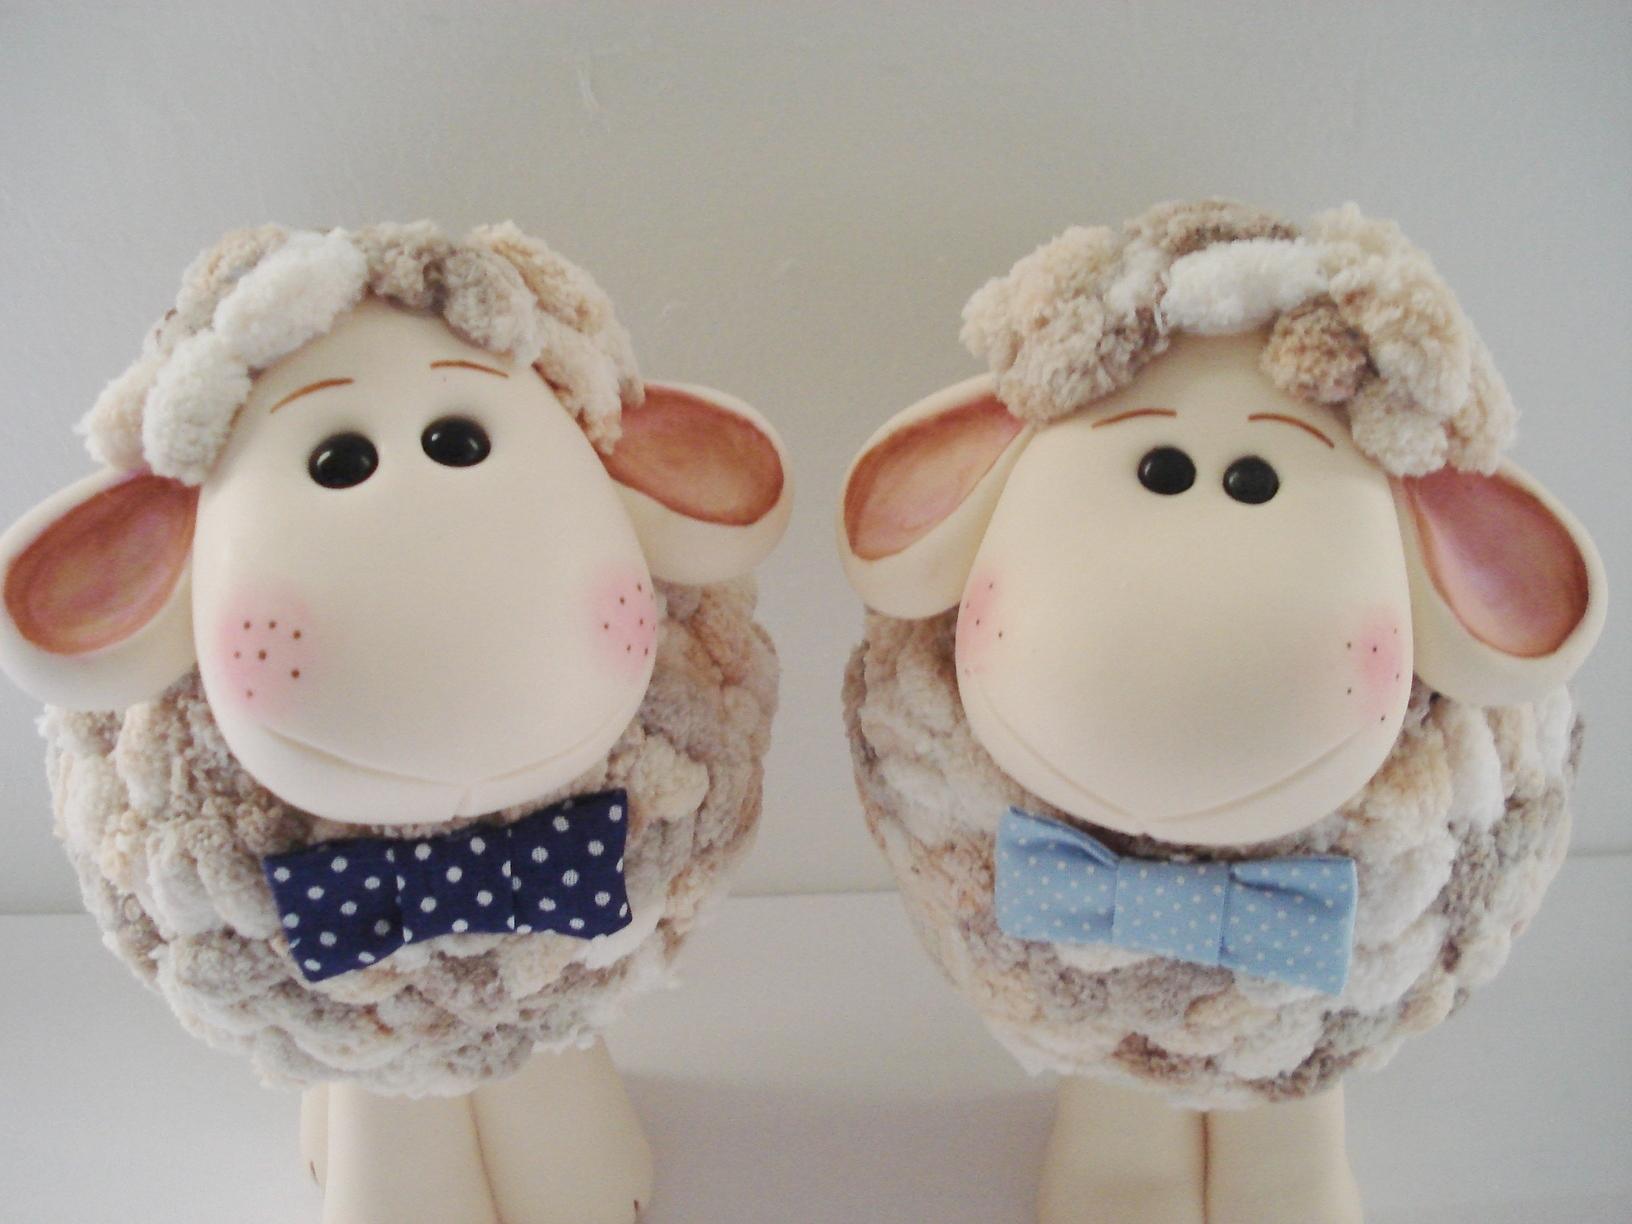 Quarto Infantil O Pequeno Principe ~  ovelhinhas pequeno principe conjunto ovelhinhas pequeno principe